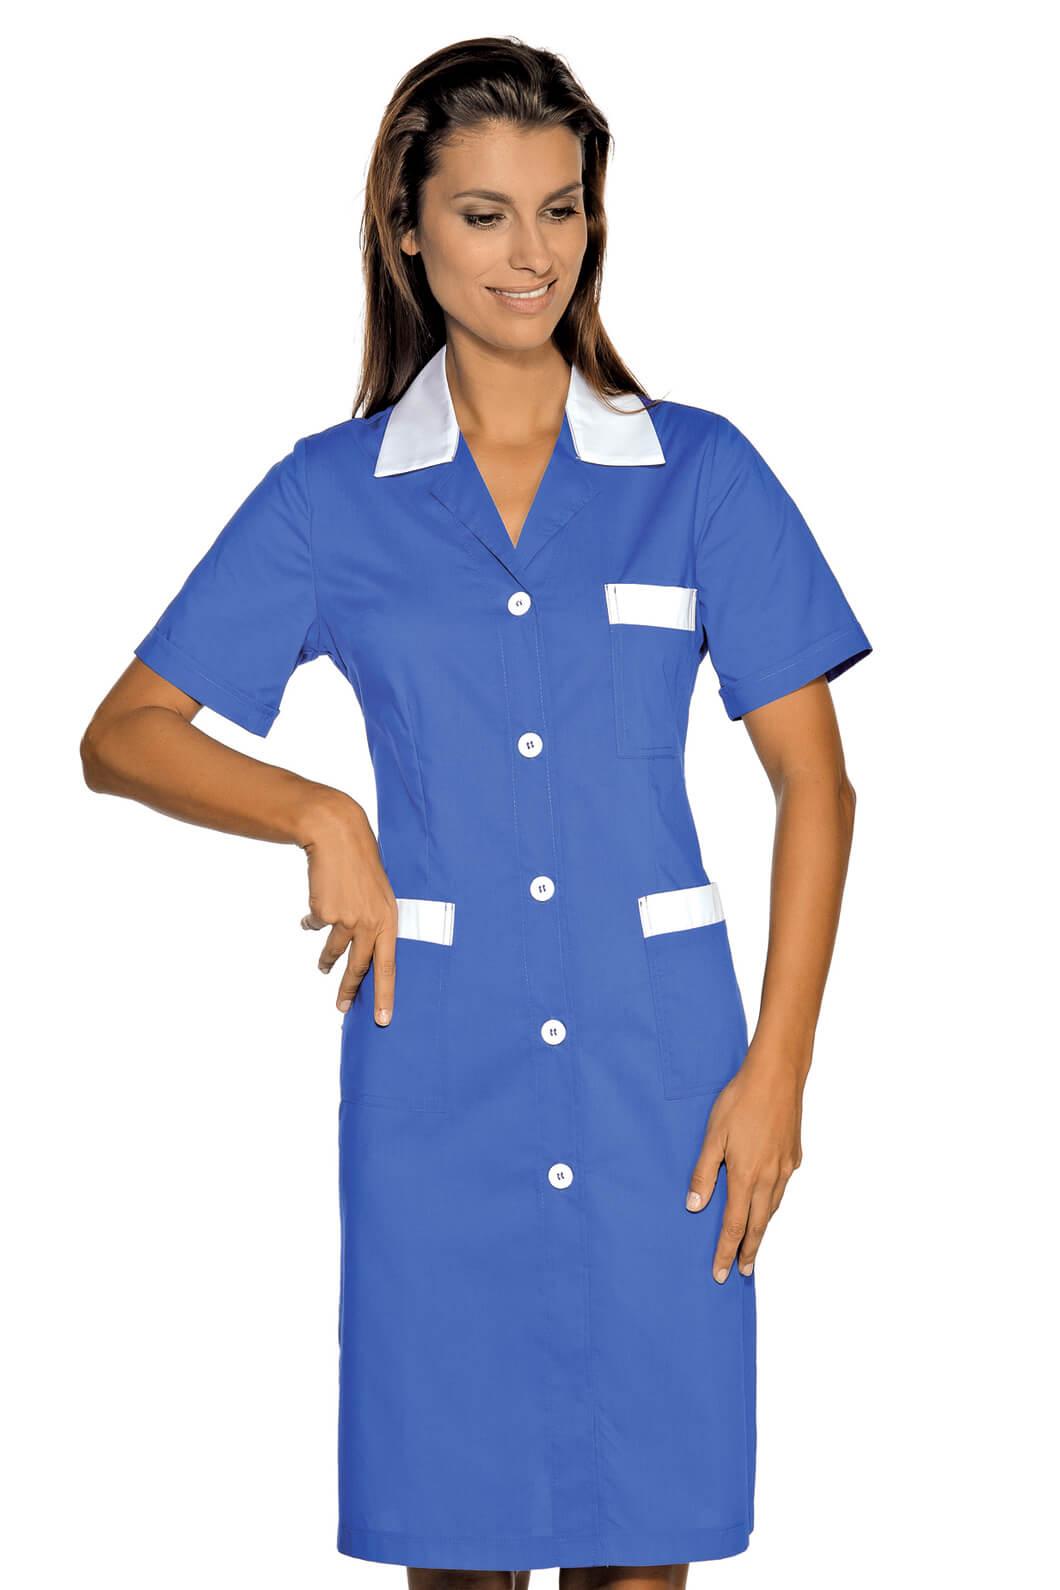 blouse de travail manches courtes positano bleu cyan blanc. Black Bedroom Furniture Sets. Home Design Ideas